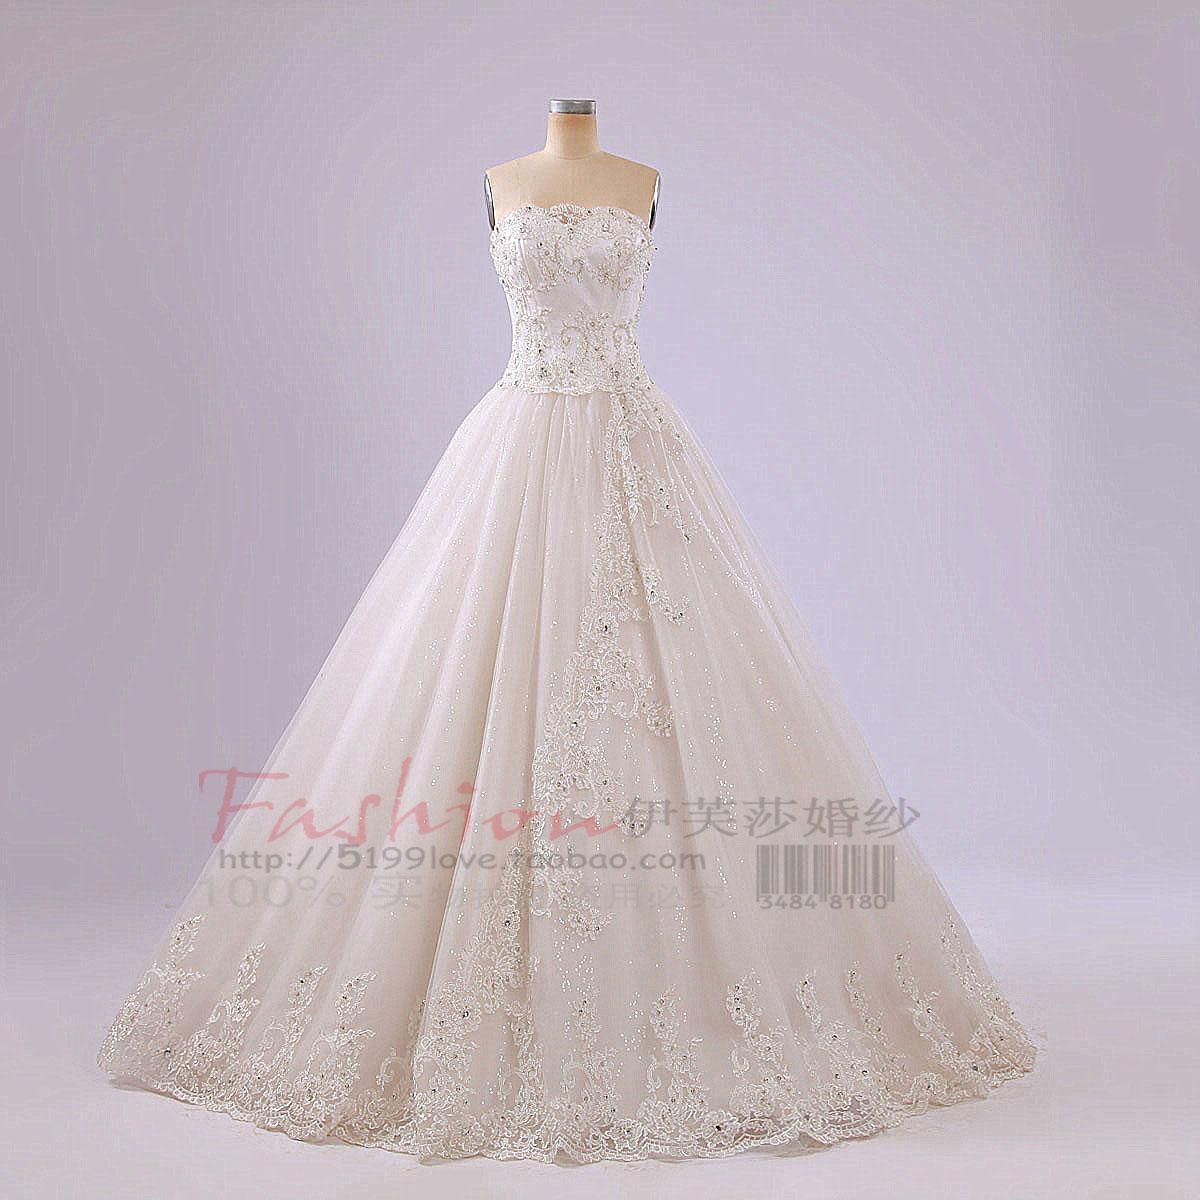 婚纱礼服2013新款优雅银边蕾丝珠绣亮钻韩版公主新娘婚纱莲蓬裙